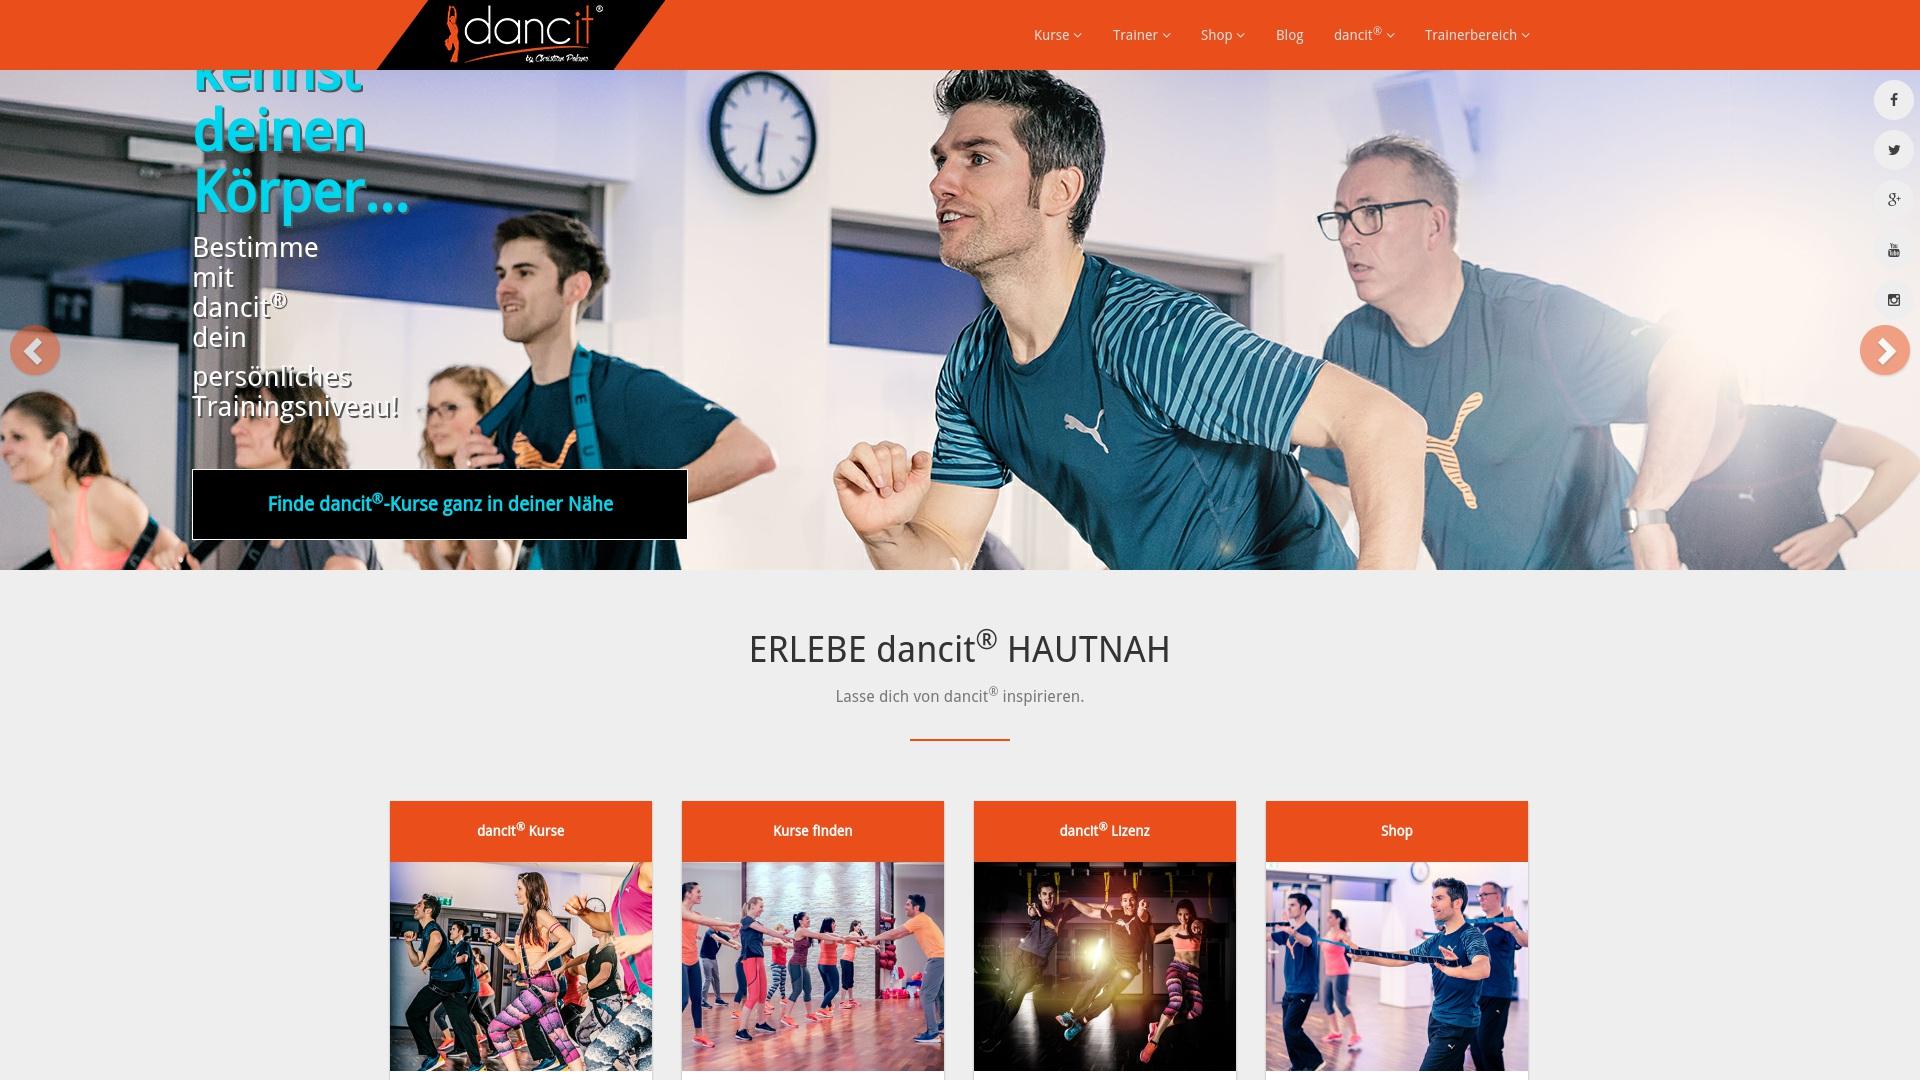 Gutschein für Dancit: Rabatte für  Dancit sichern